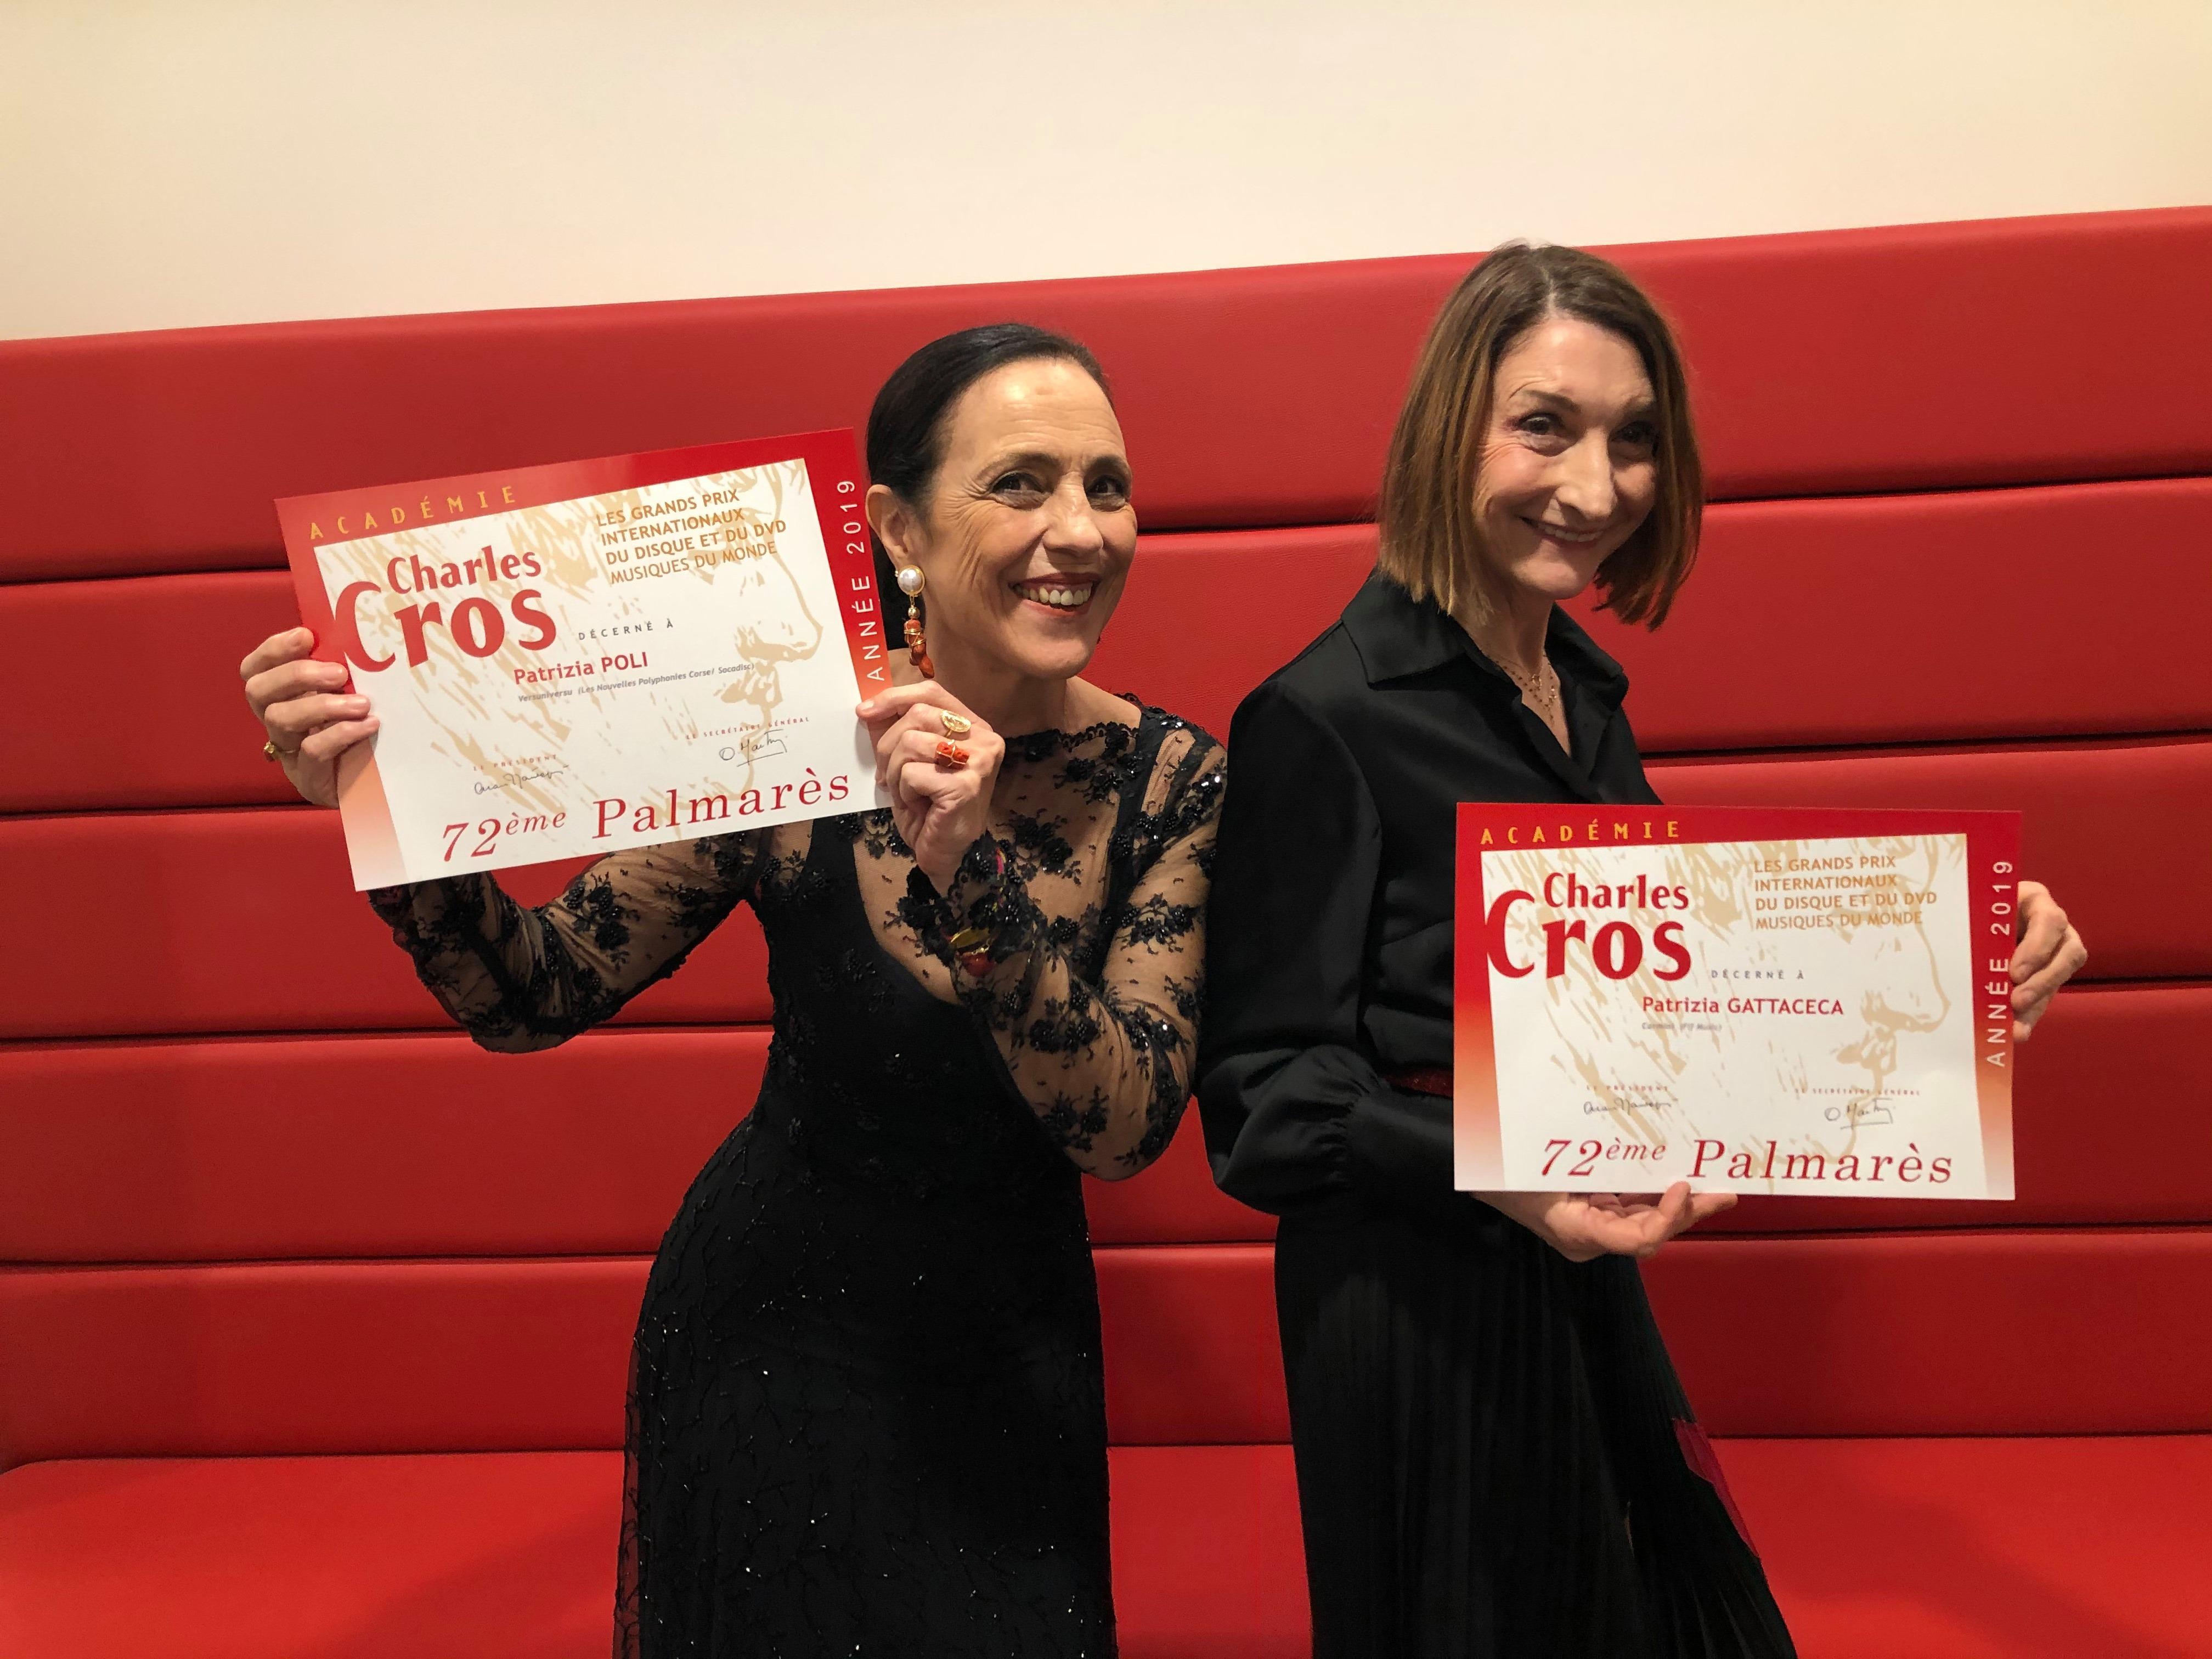 Patrizia Poli et Patrizia Gattaceca récompensées par l'Académie Charles Cros